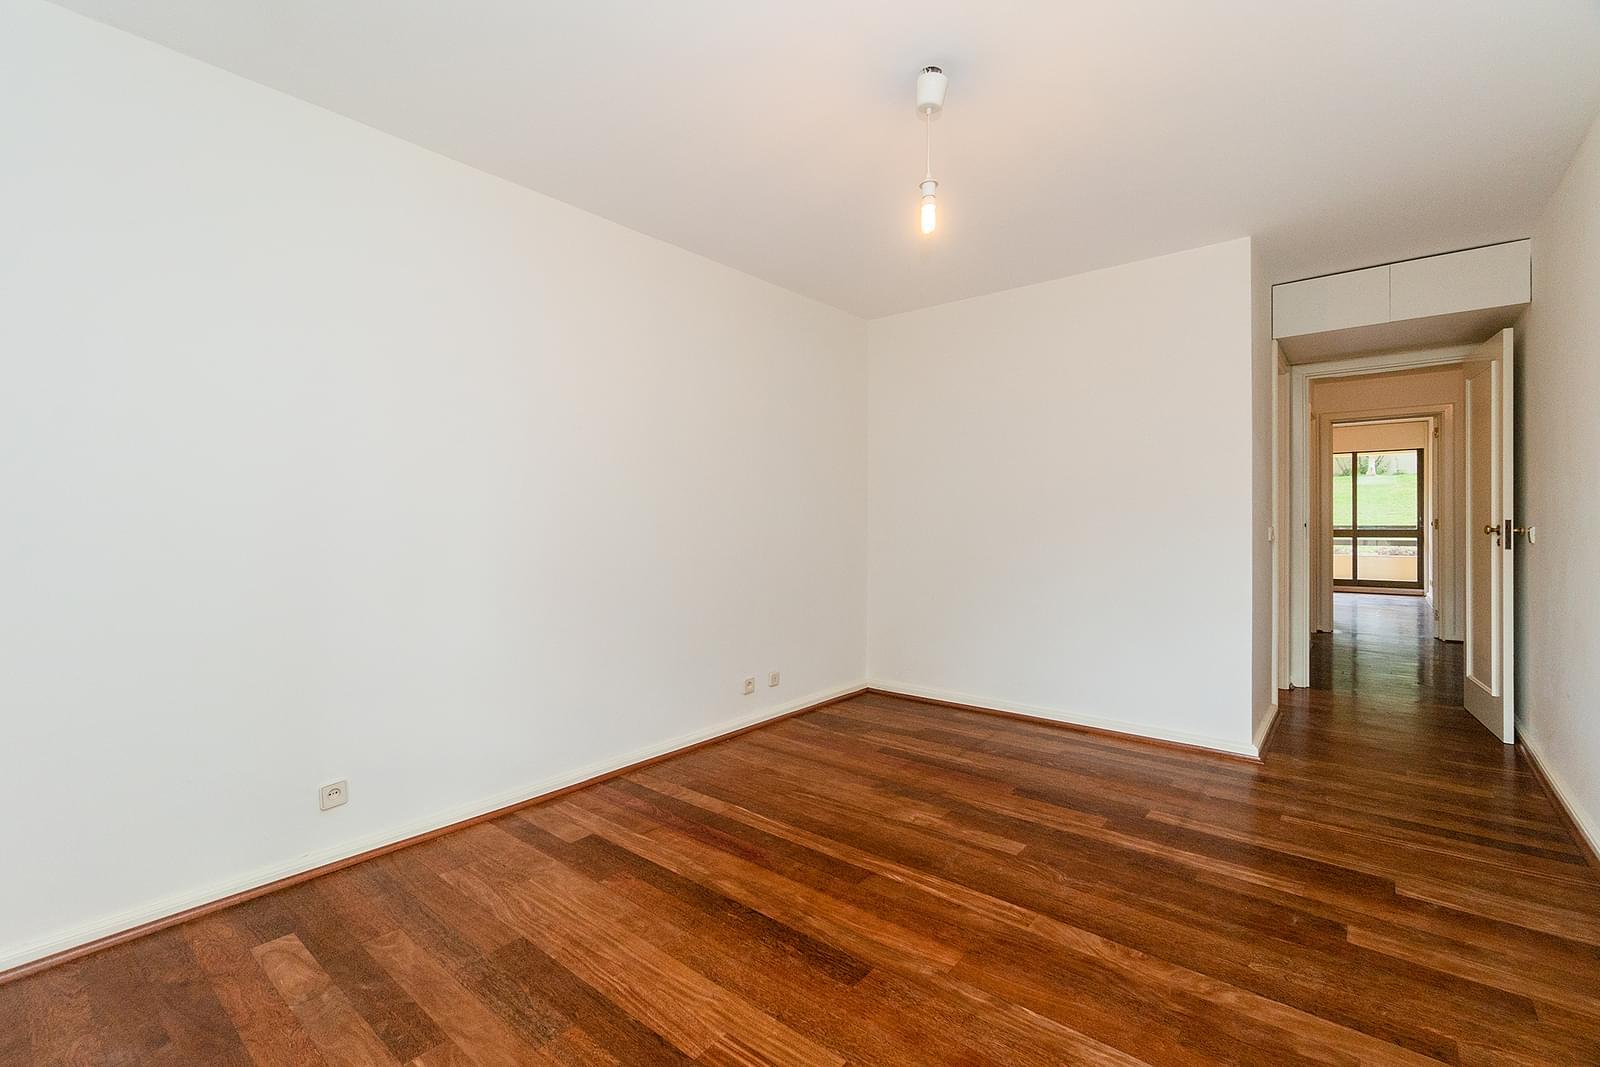 pf18551-apartamento-t3-1-lisboa-1c41f8b6-48ea-4747-8789-354a0eadf40a